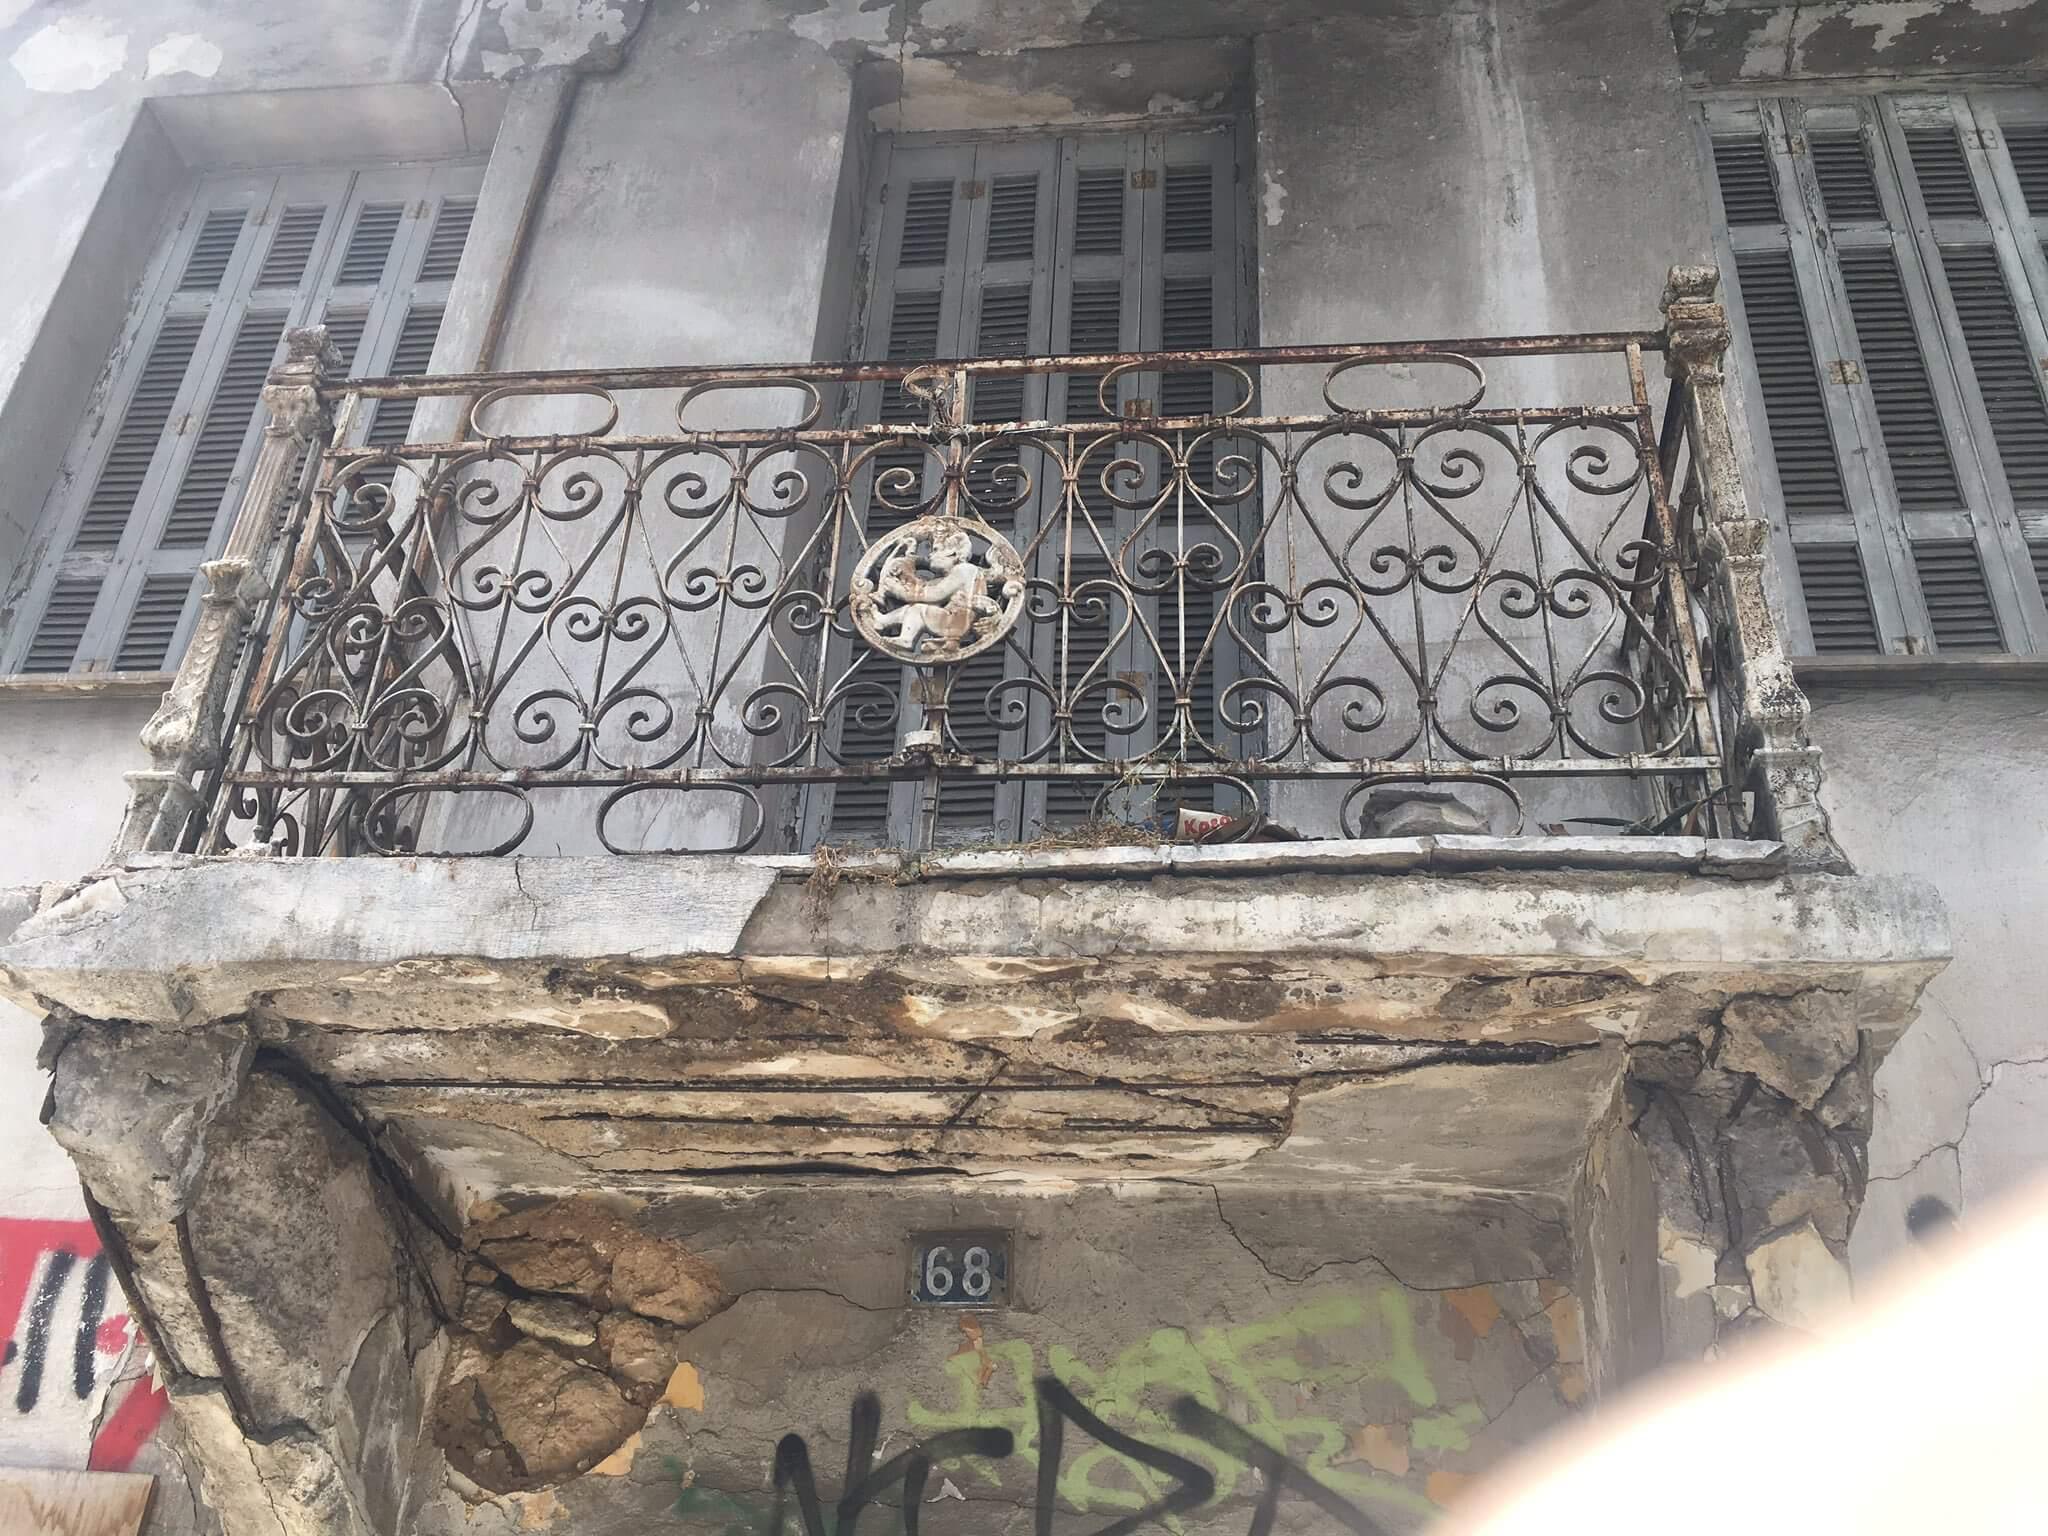 Προσοχή! Ετοιμόρροπο μπαλκόνι στο κέντρο του Πειραιά